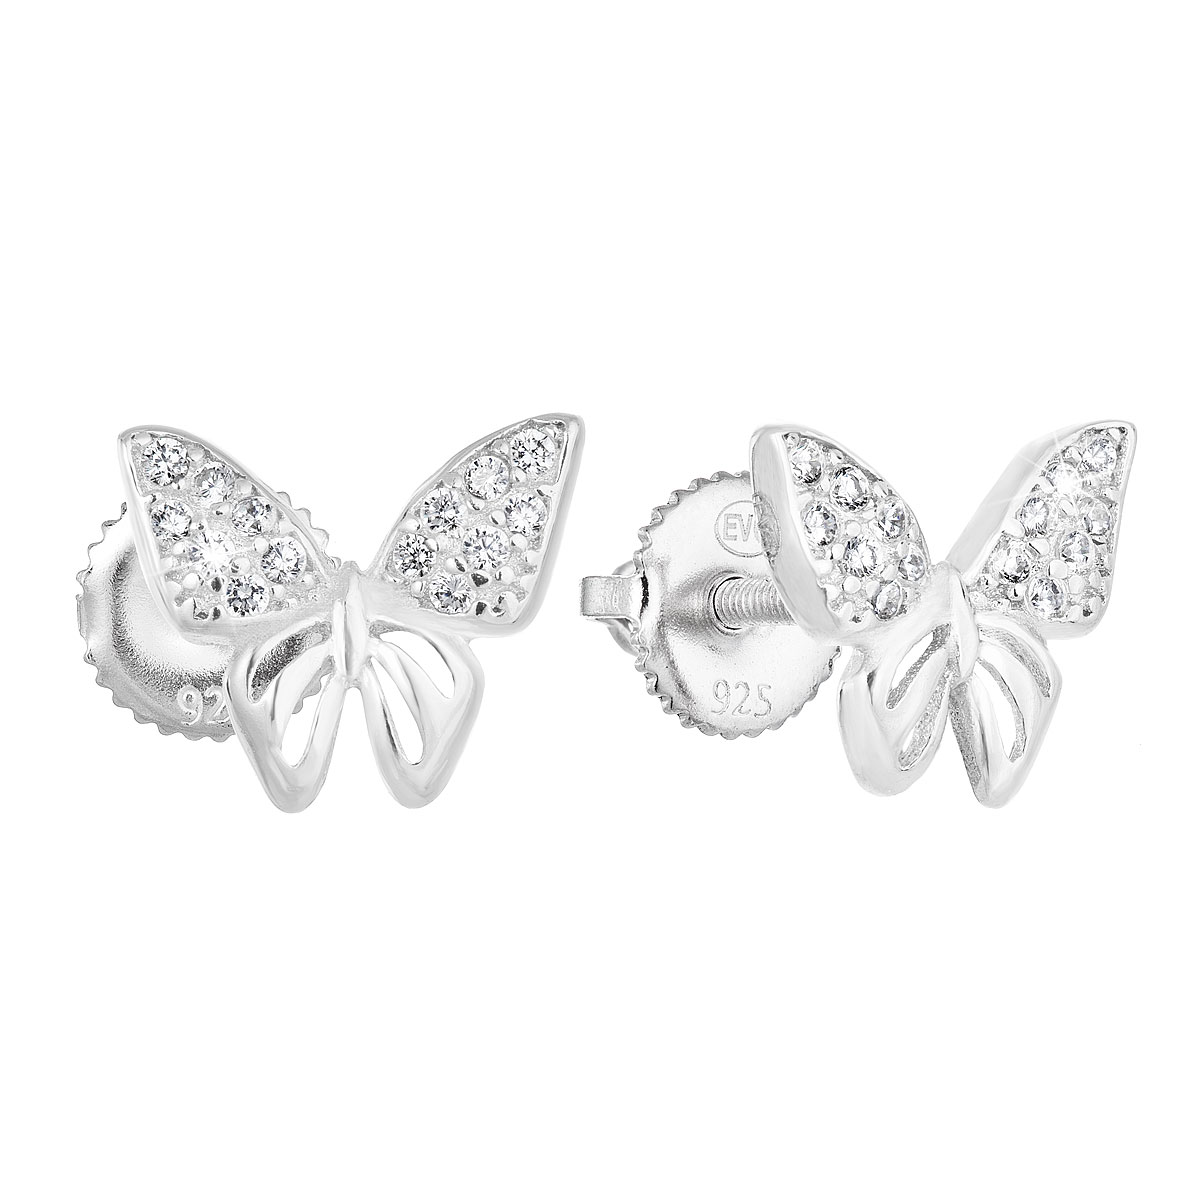 Strieborné náušnice kôstky so zirkónom biely motýľ 11311.1